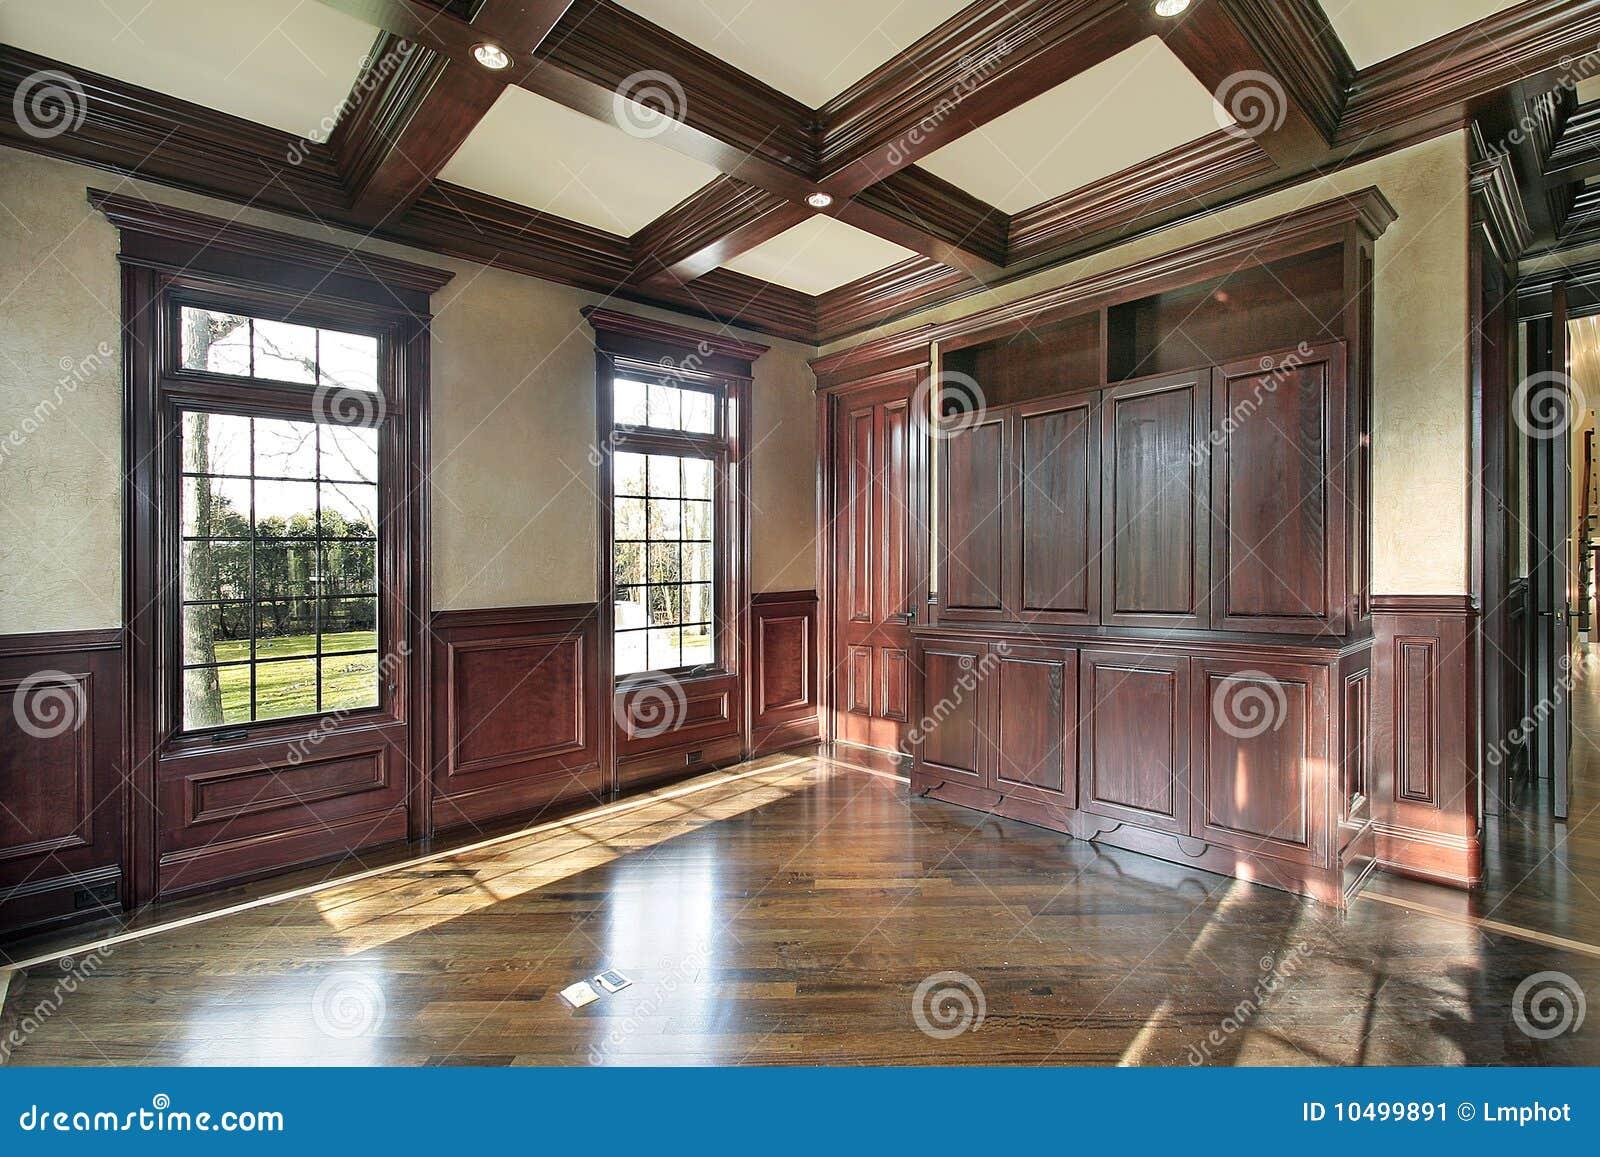 Pareti Ricoperte Di Legno : Libreria con le pareti rivestite legno della ciliegia immagine